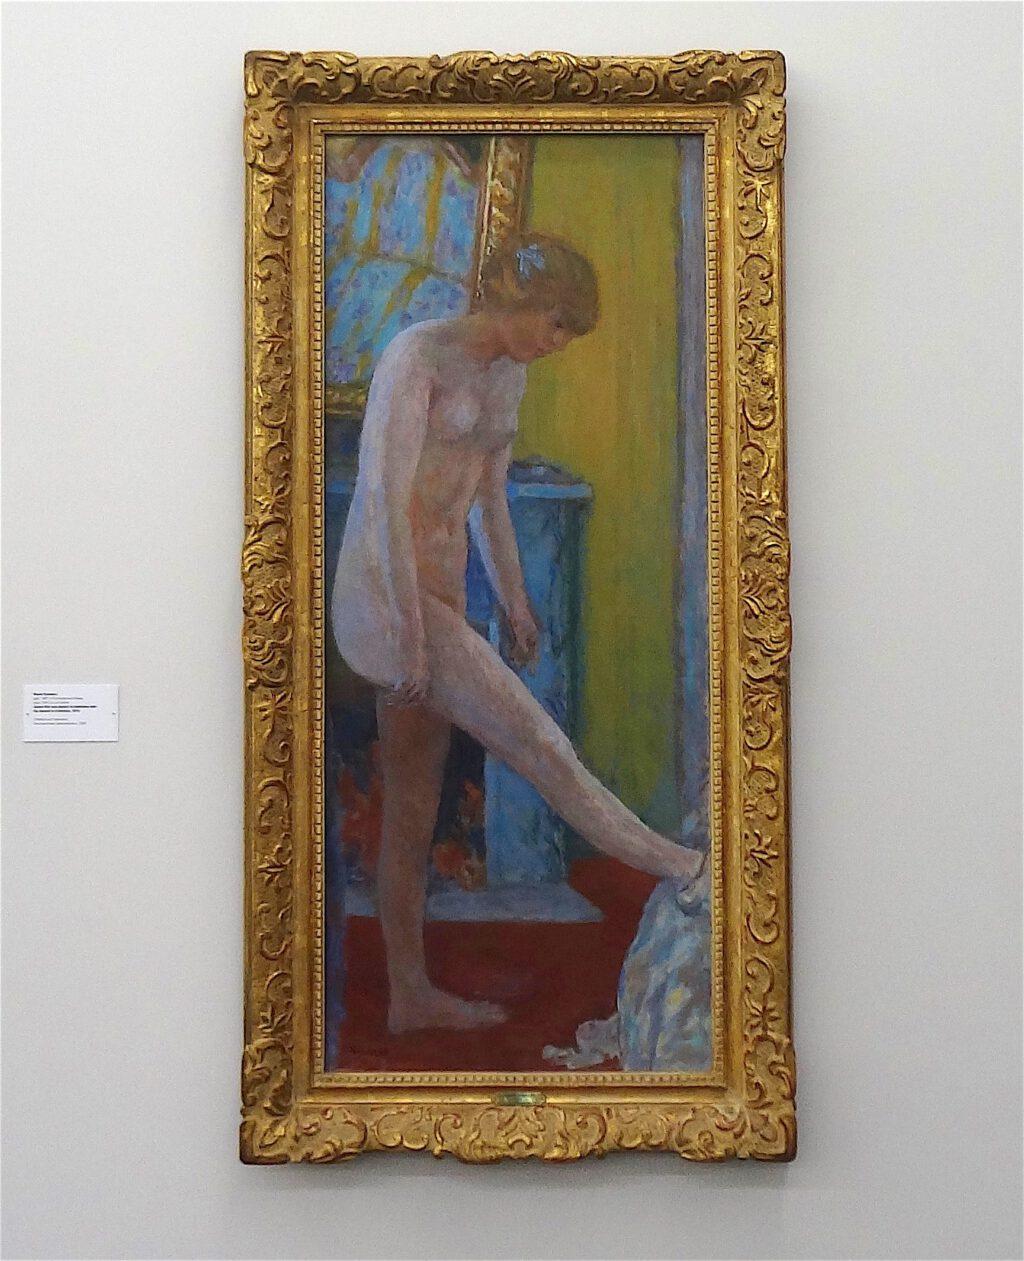 ピエール・ボナール「暖炉の前の裸の女の子」1919年、ウィンタートゥール